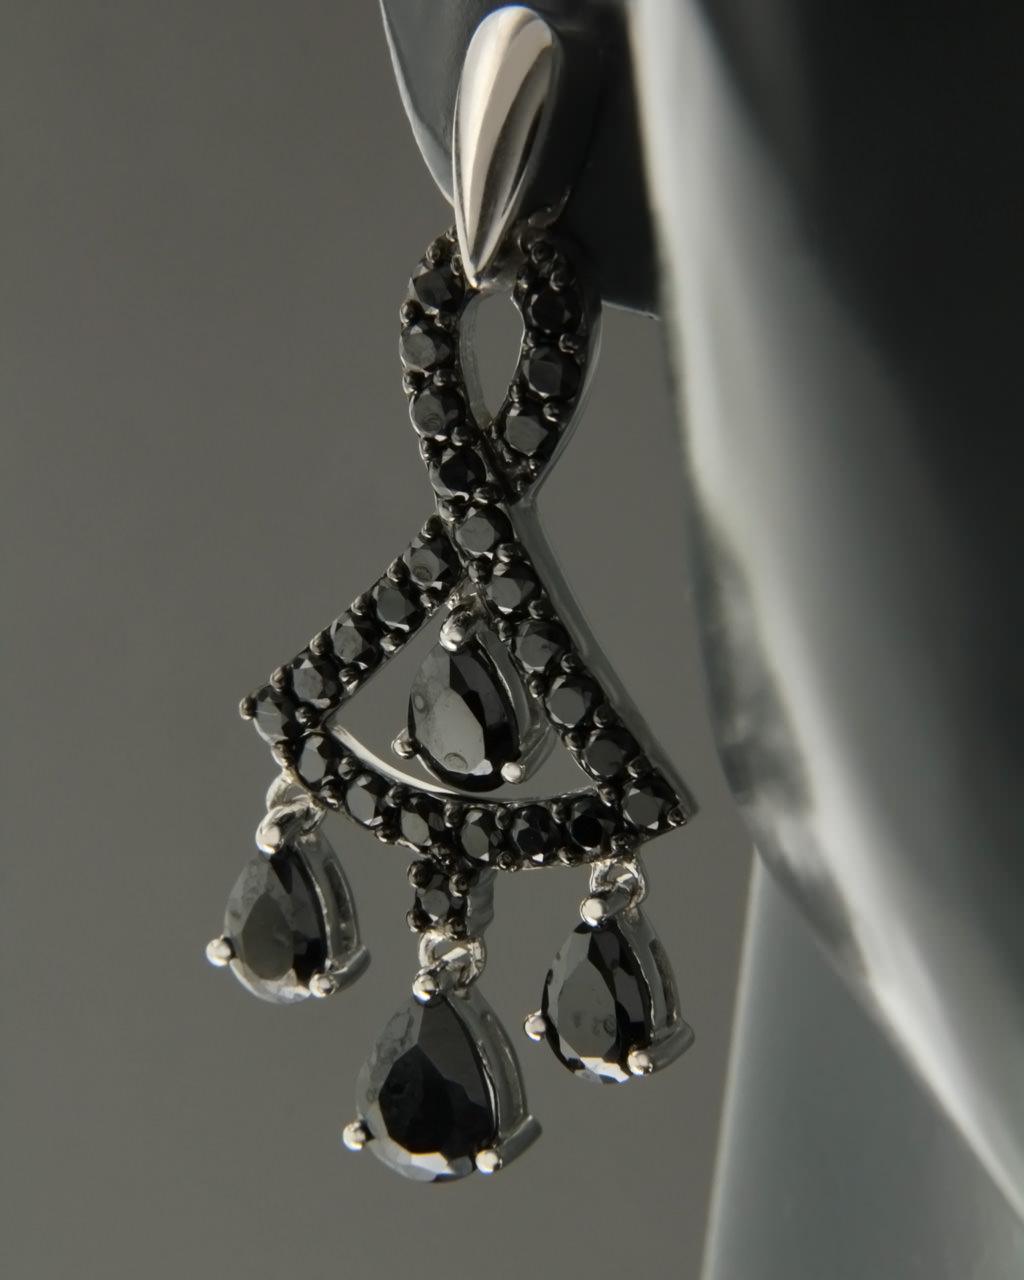 Σκουλαρίκια ασημένια 925 με Ζιργκόν   γυναικα σκουλαρίκια σκουλαρίκια fashion